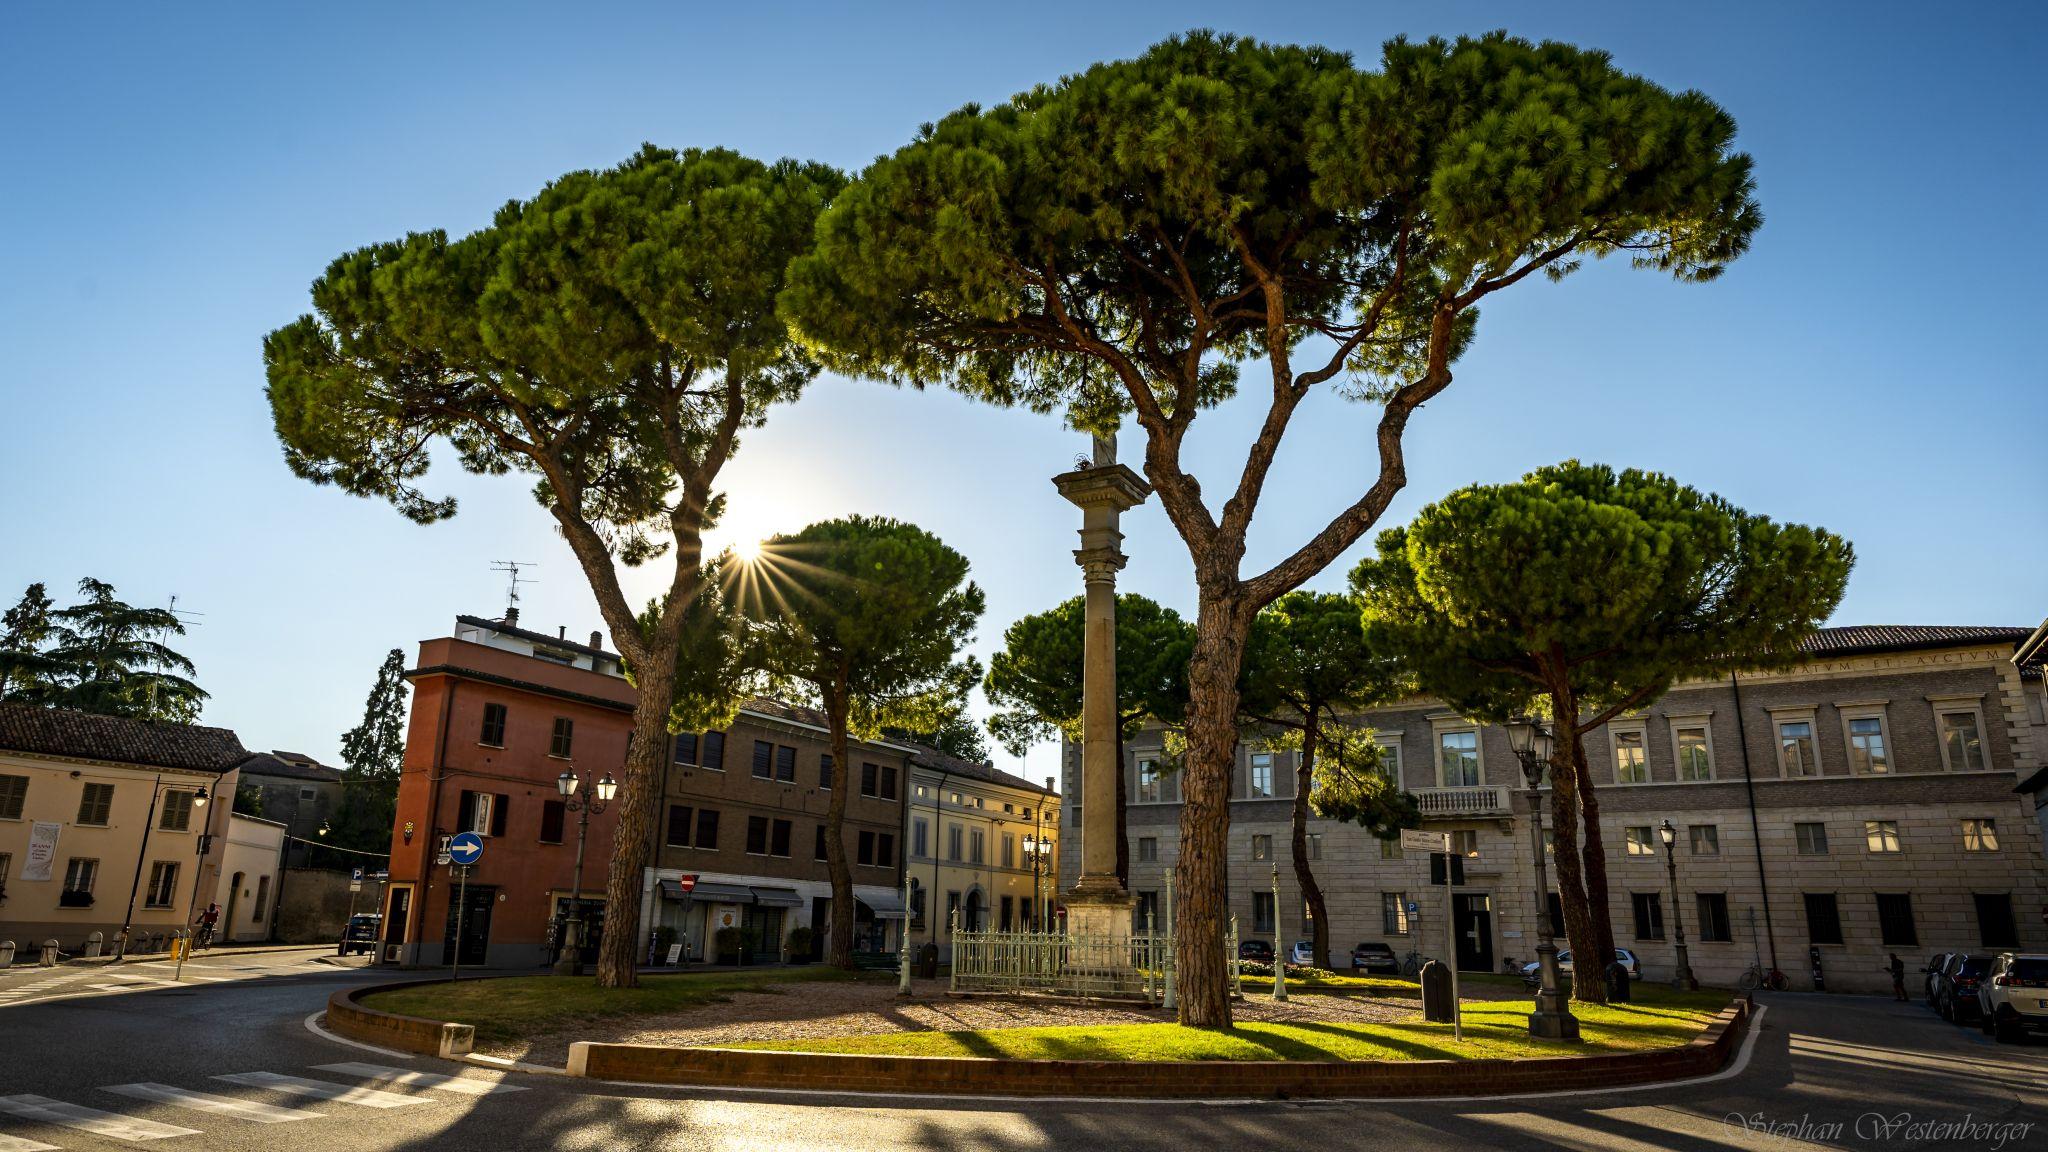 Piazza Duomo Ravenna, Italy